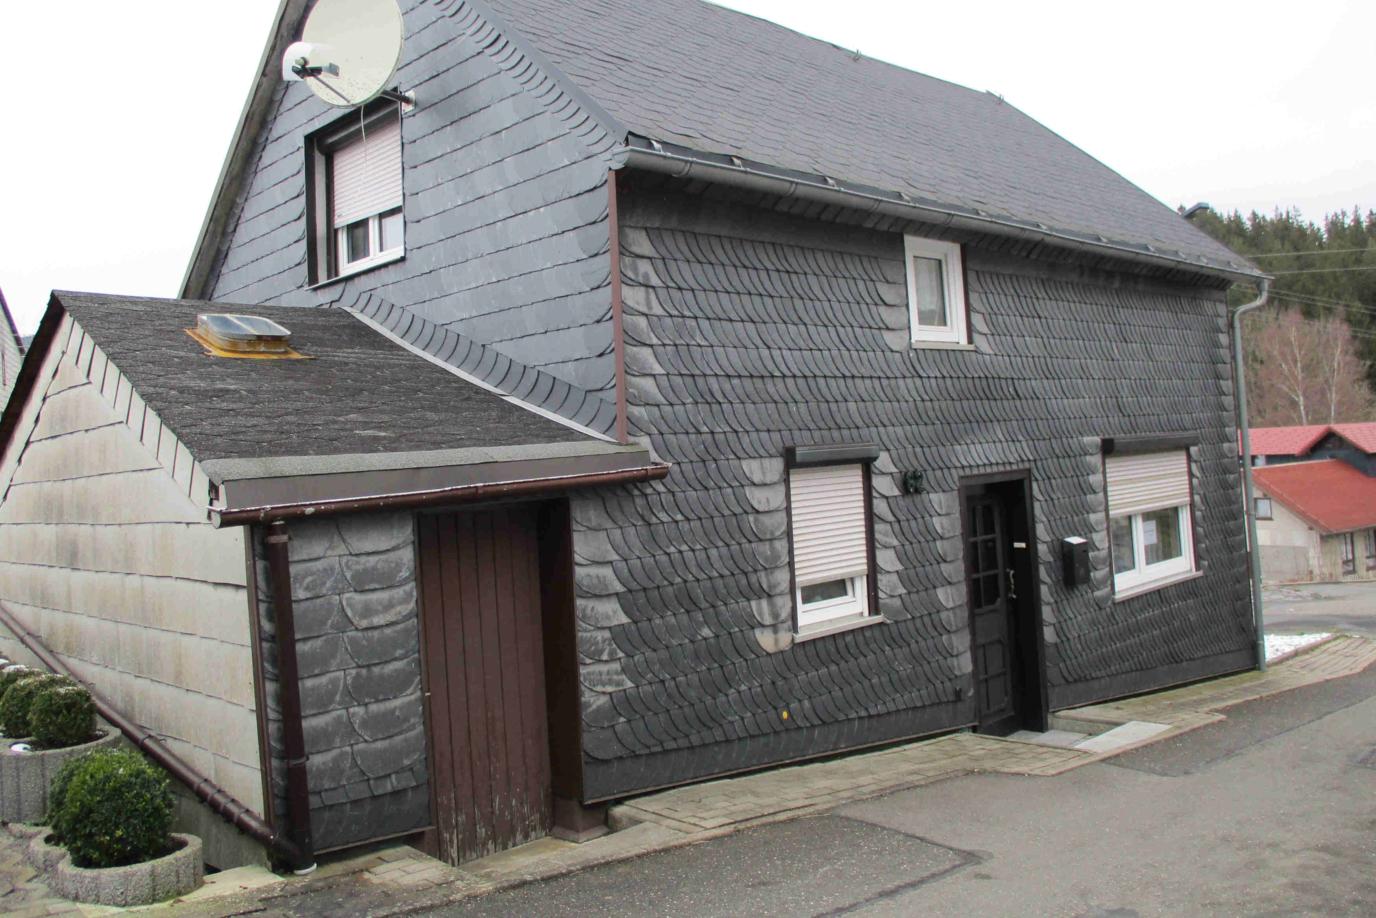 bezugsfertiges kleines Wohnhaus